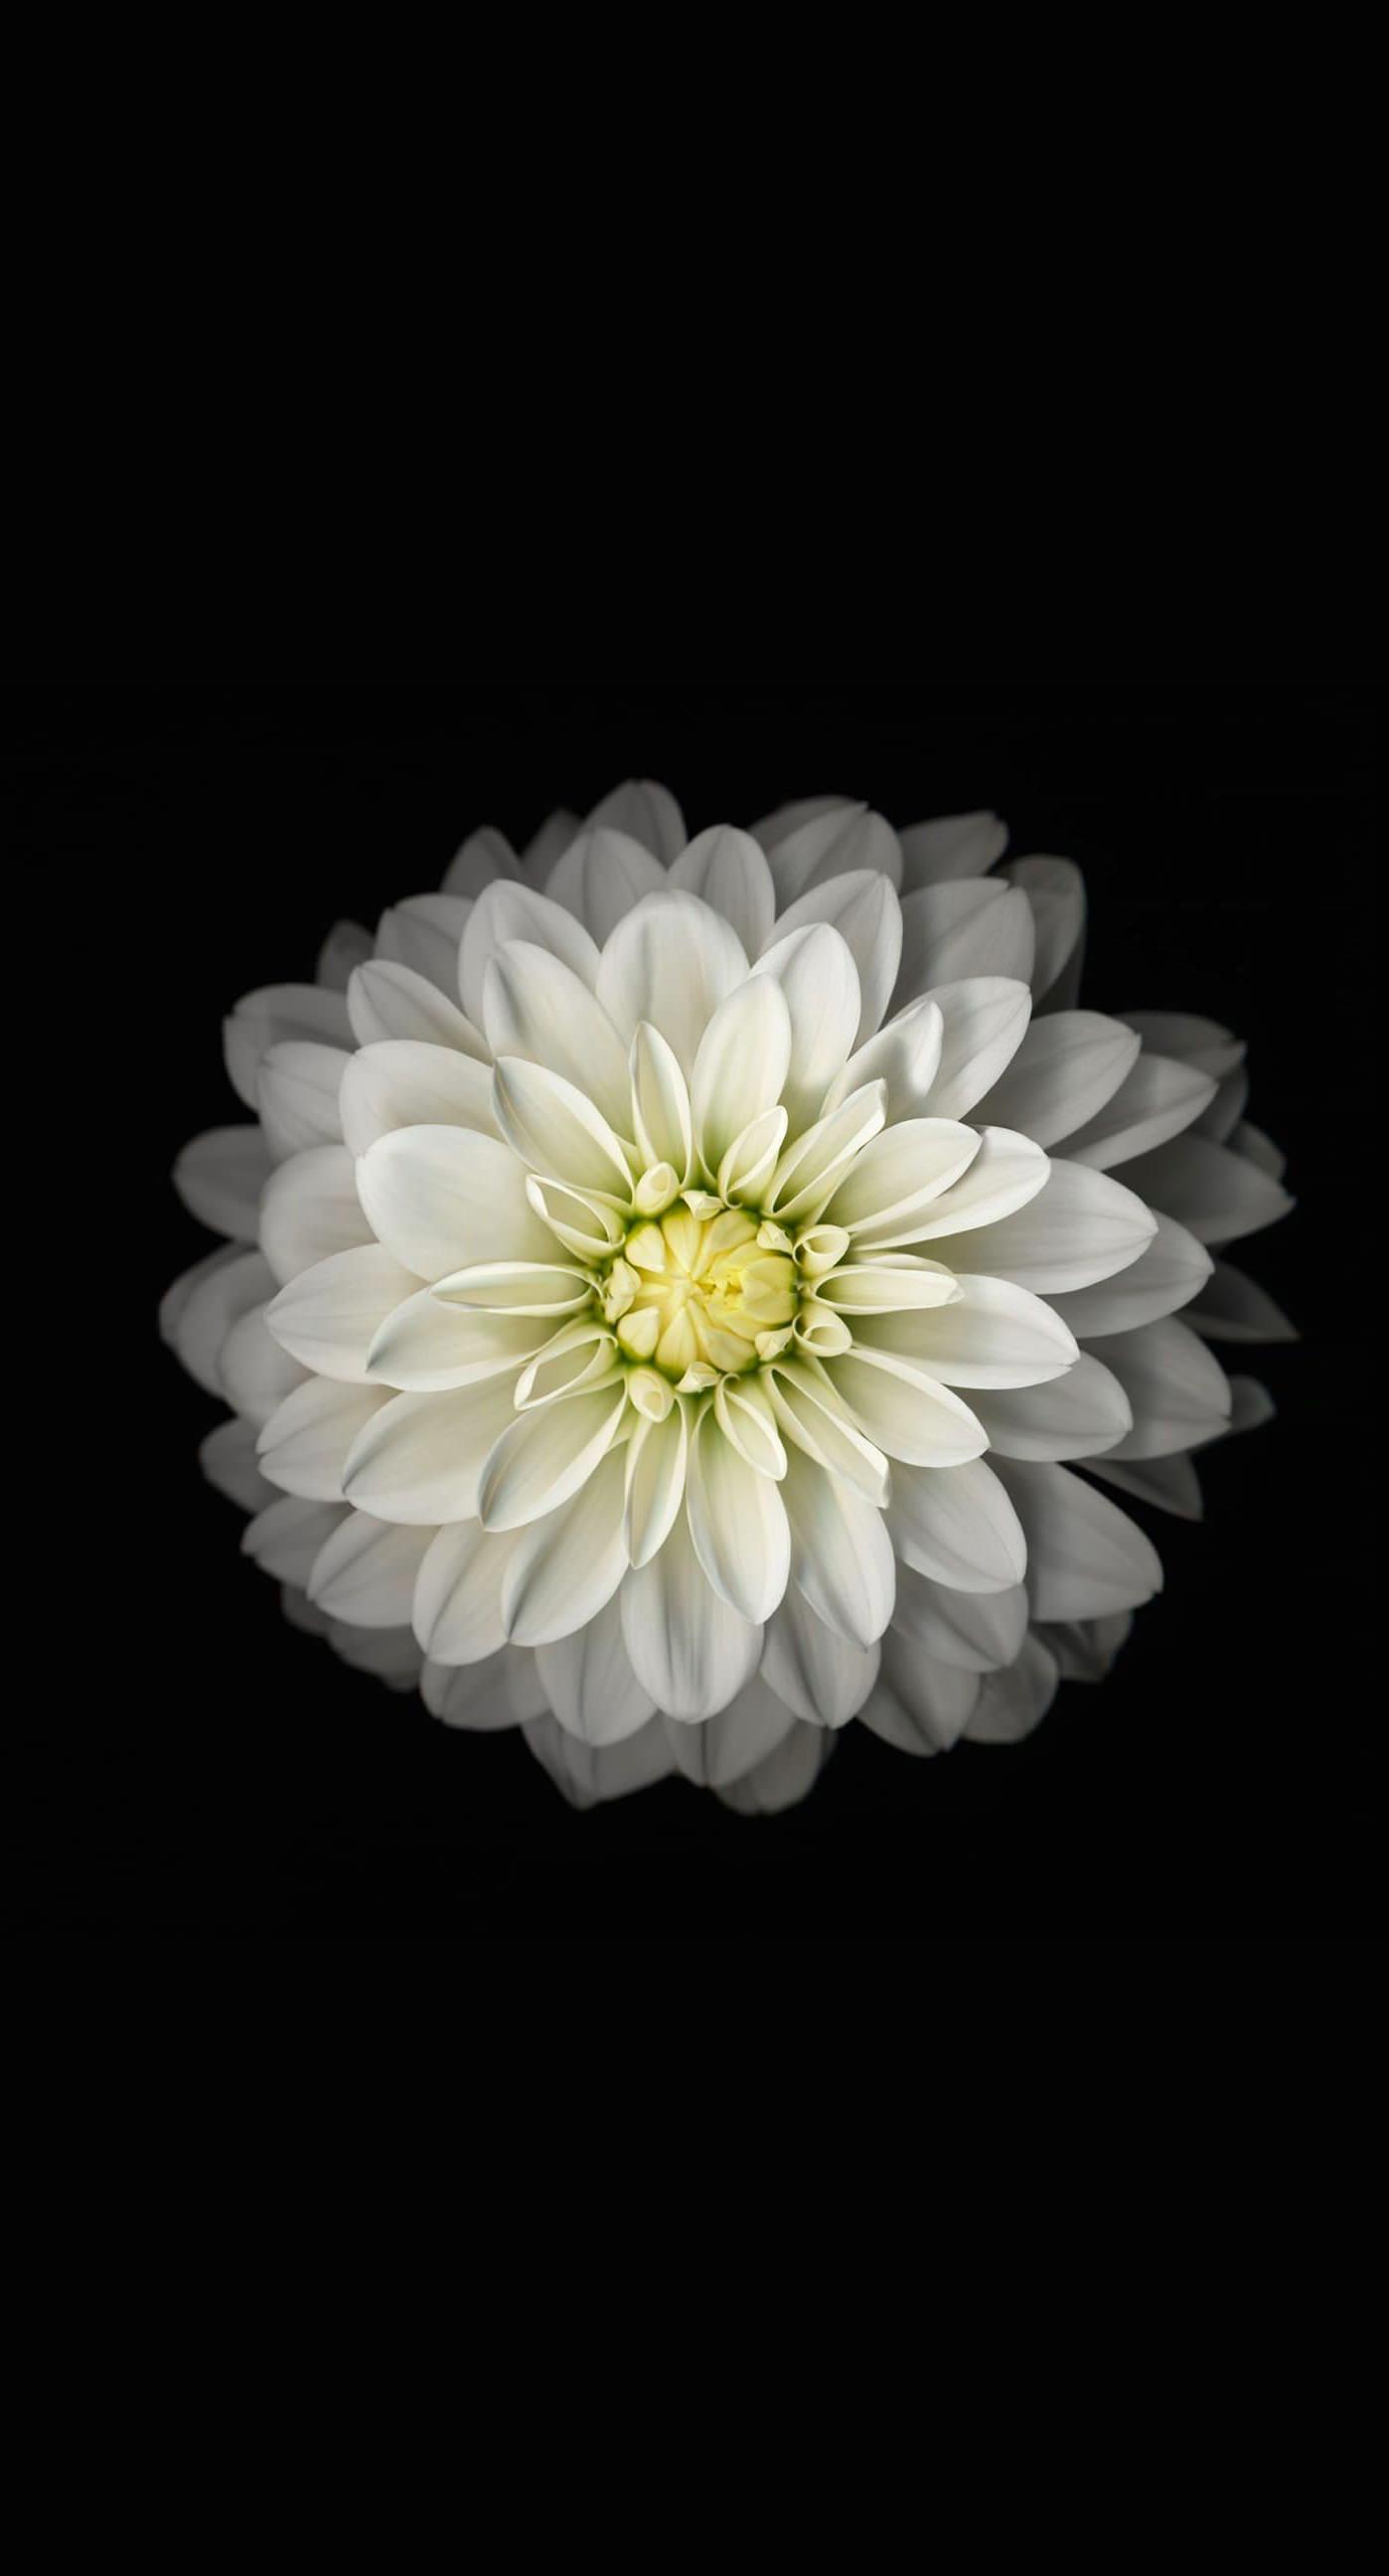 Bunga Hitam Putih Wallpapersc IPhone7Plus